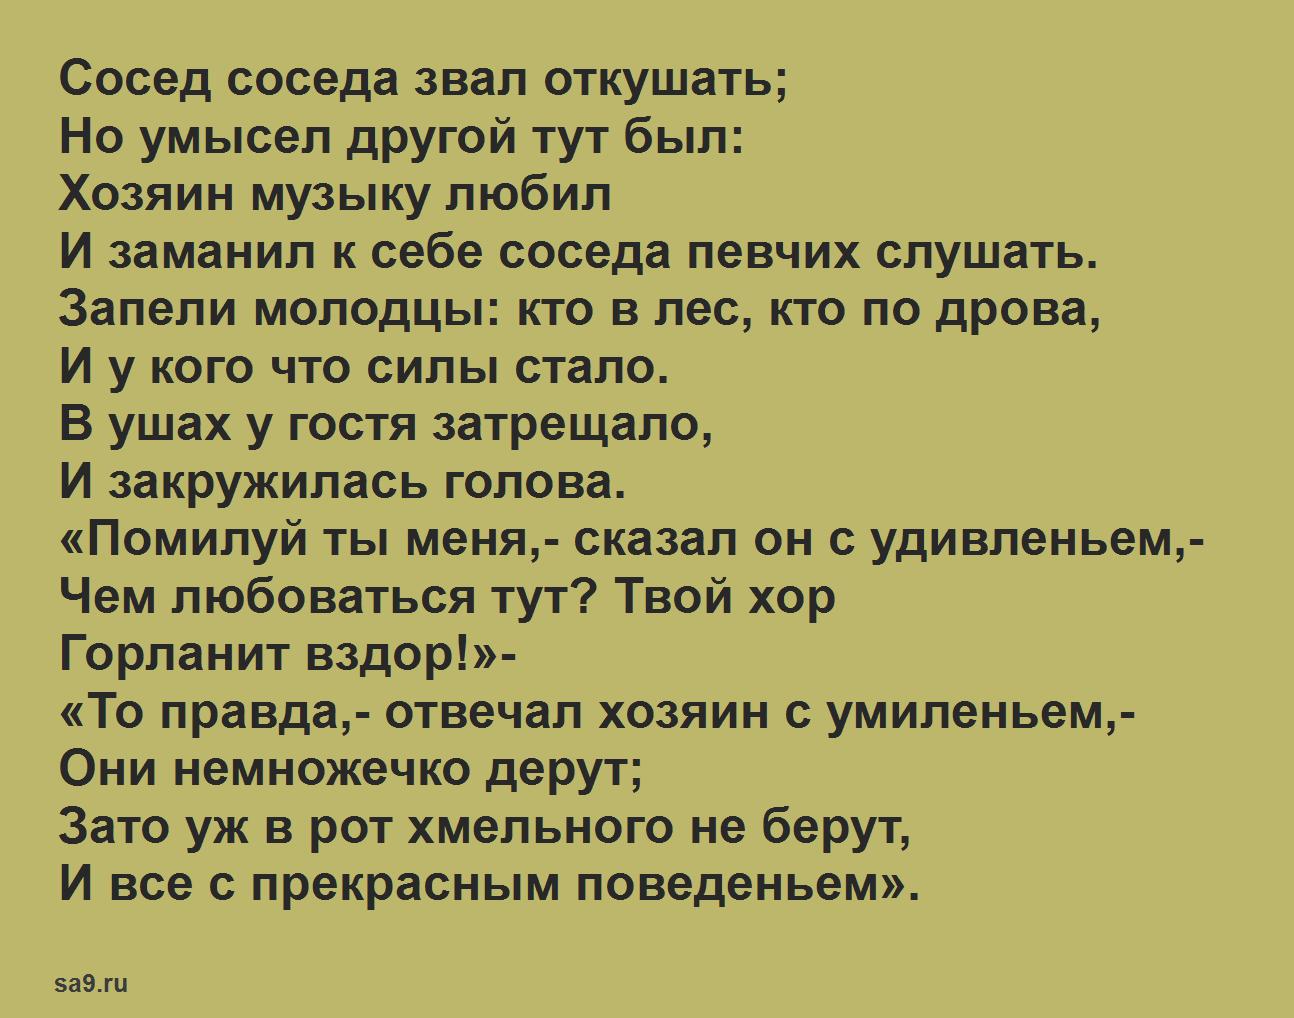 Басня Крылова 'Музыканты', текст басни читать полностью